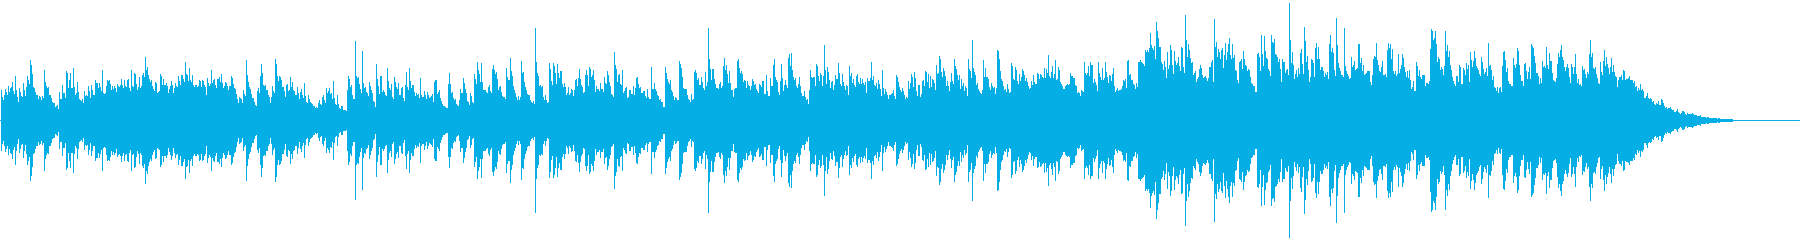 ピアノが優しいニューミュージックバラードの再生済みの波形